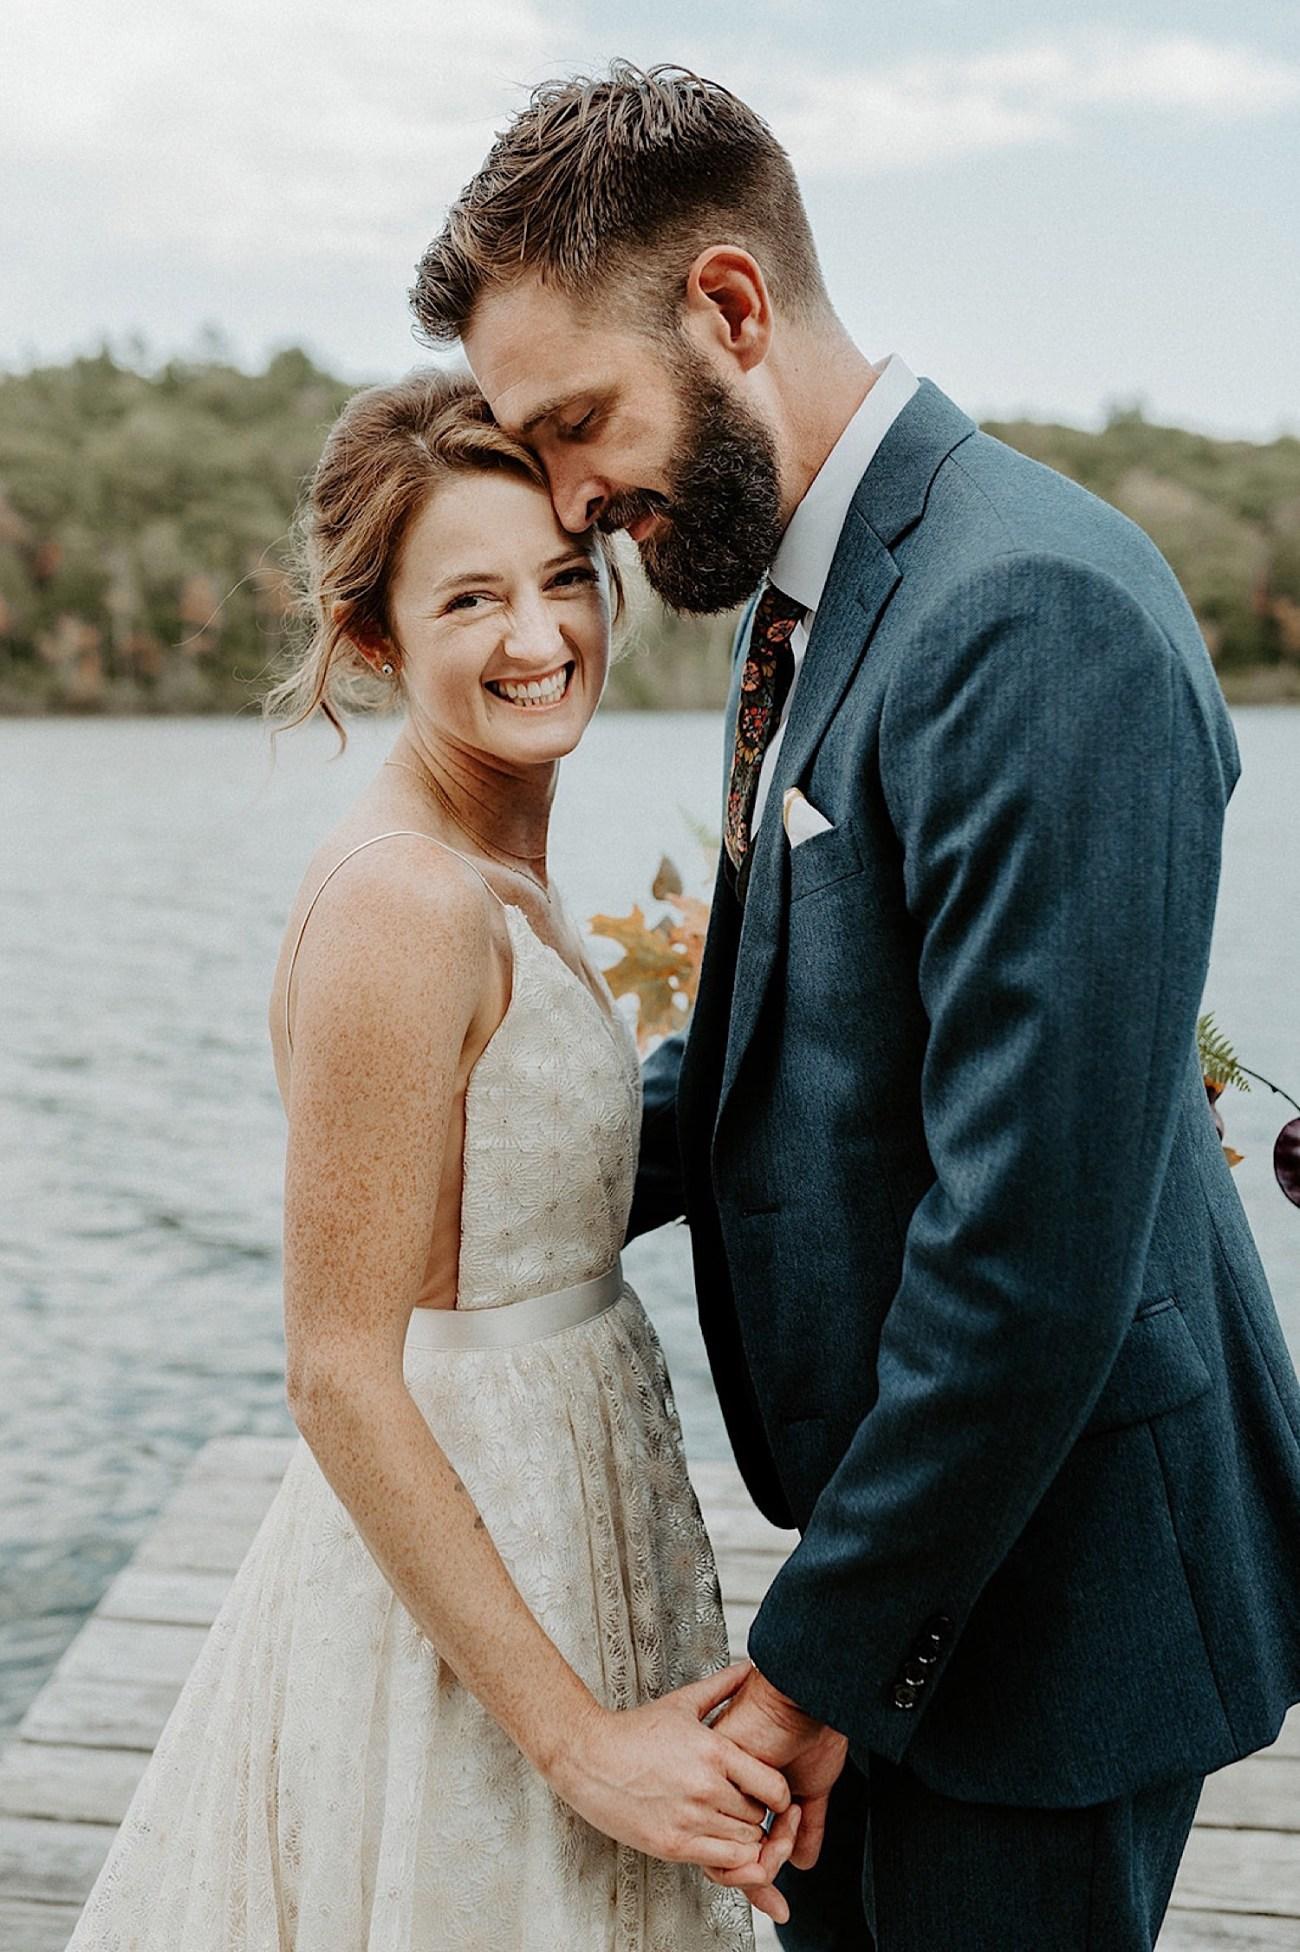 107 Lakeside Wedding Outdoor Wedding Boho Inspiration Wedding Destination Wedding Maine Wedding Connecticut Wedding Photographer Boston Wedding Photographer